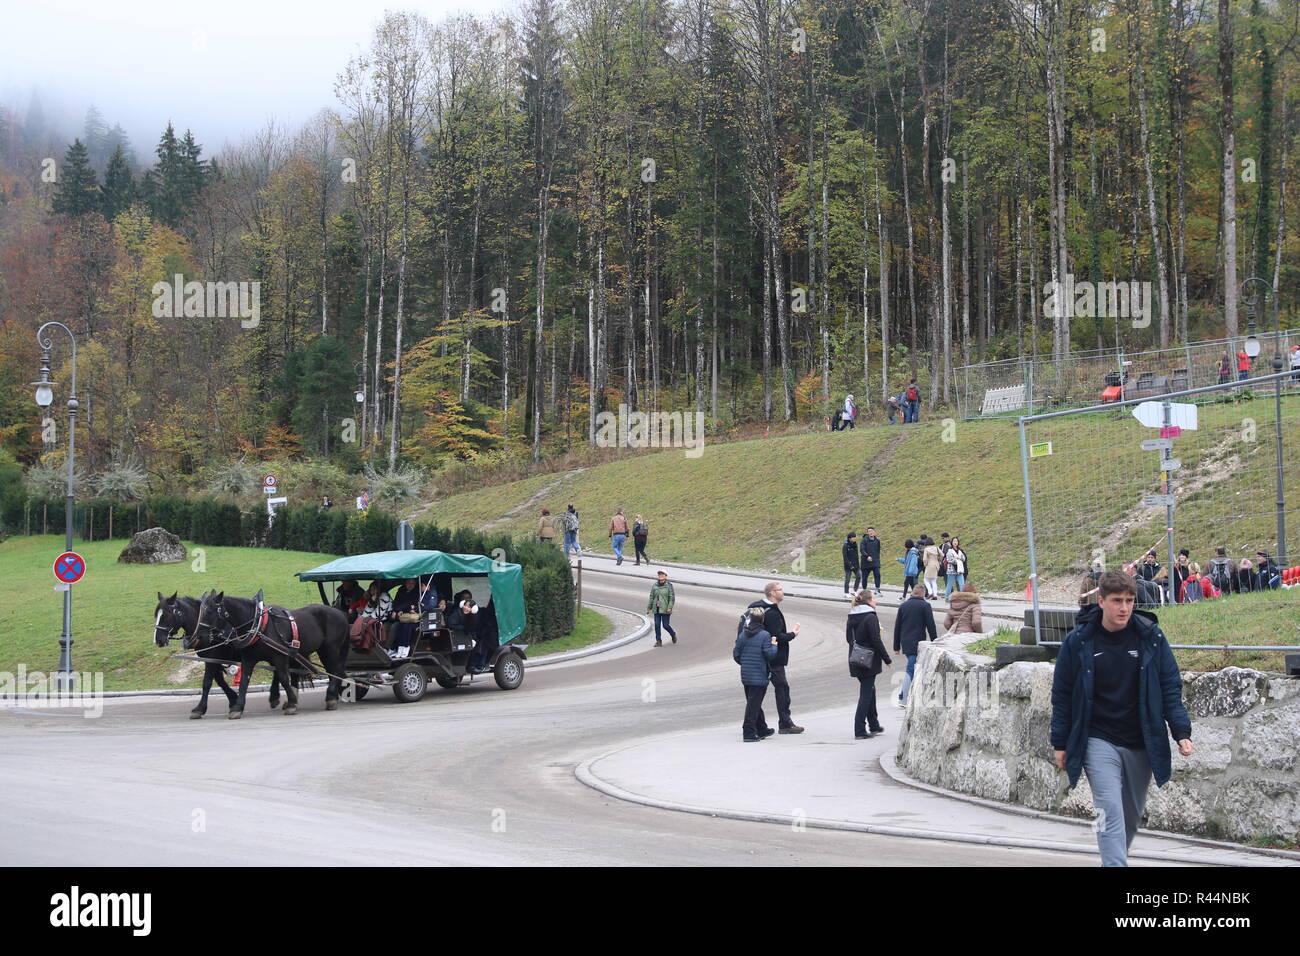 Schloss Neuschwanstein Kutsche reisen, München Bayern Deutschland Bayerische Konzept, Dinge zu tun, Touren, Pferde, Kutsche, Touristen zu erkunden Stockfoto